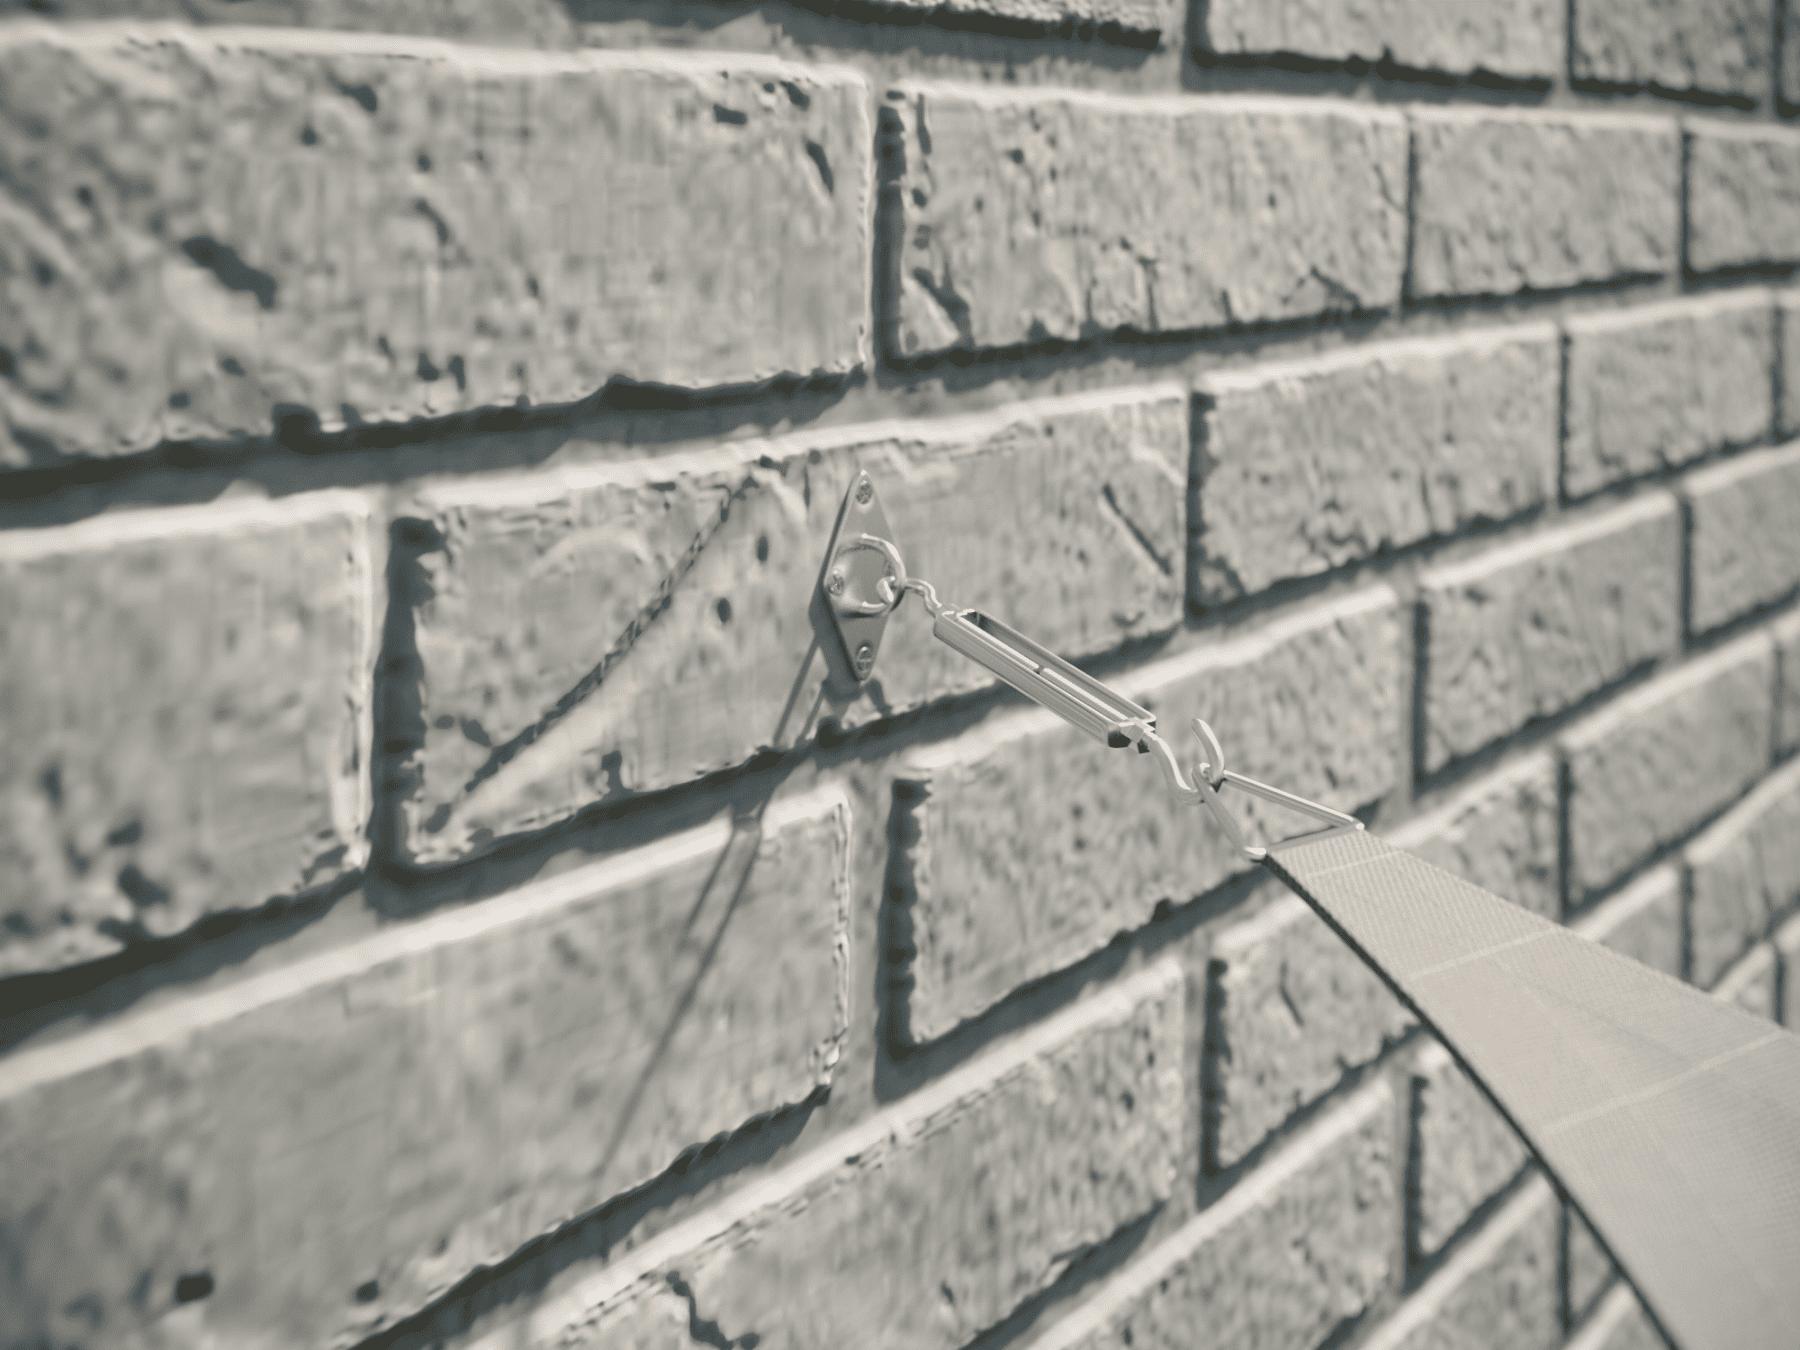 hanSe® Schaduwdoek Rechthoek Waterdoorlatend 2,5x5 m - zonnedoek Grijs